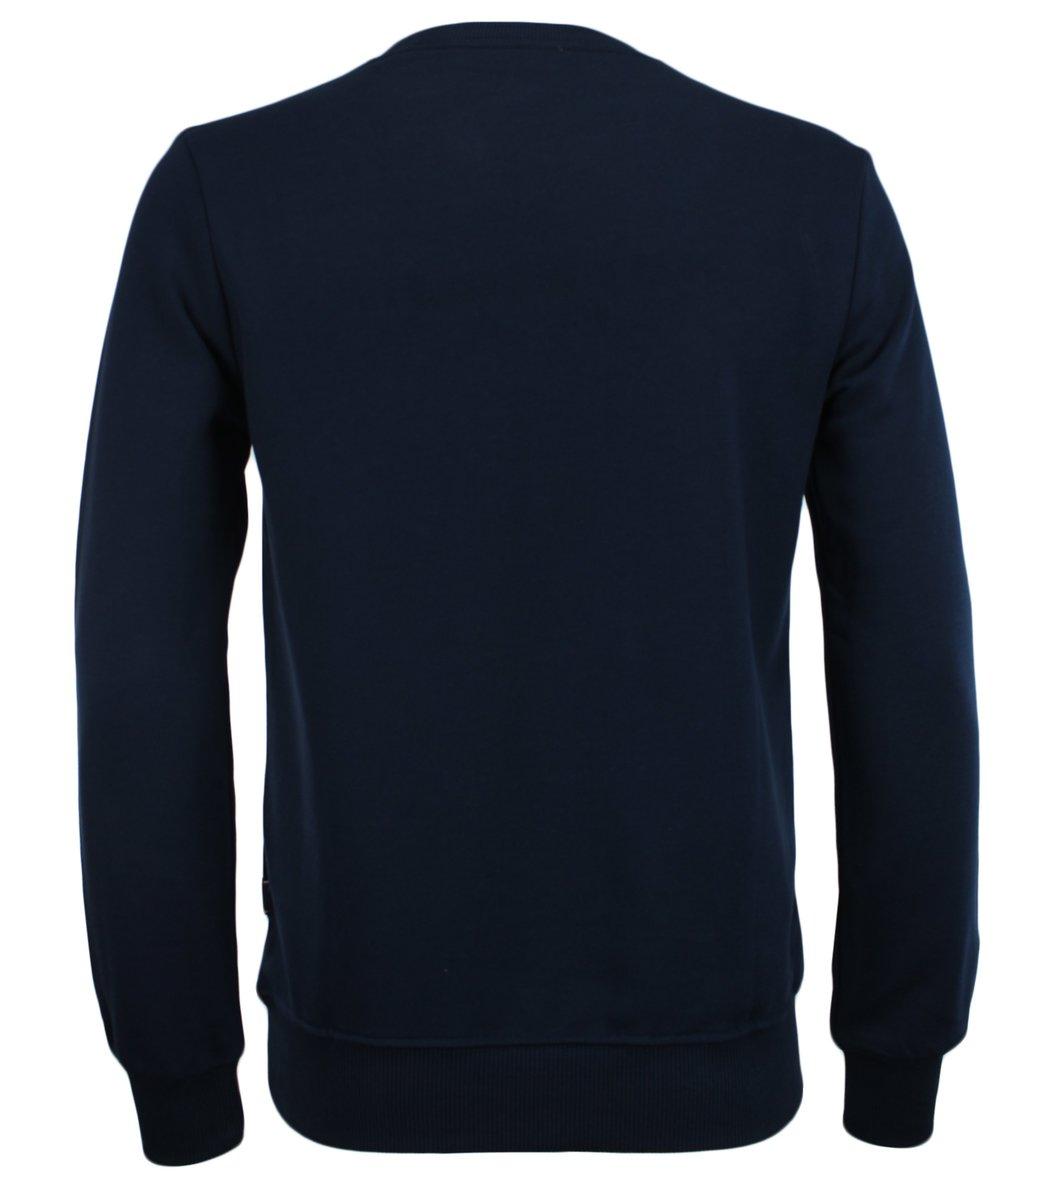 Тёмно-синий свитшот  Tommy Hilfiger STH1